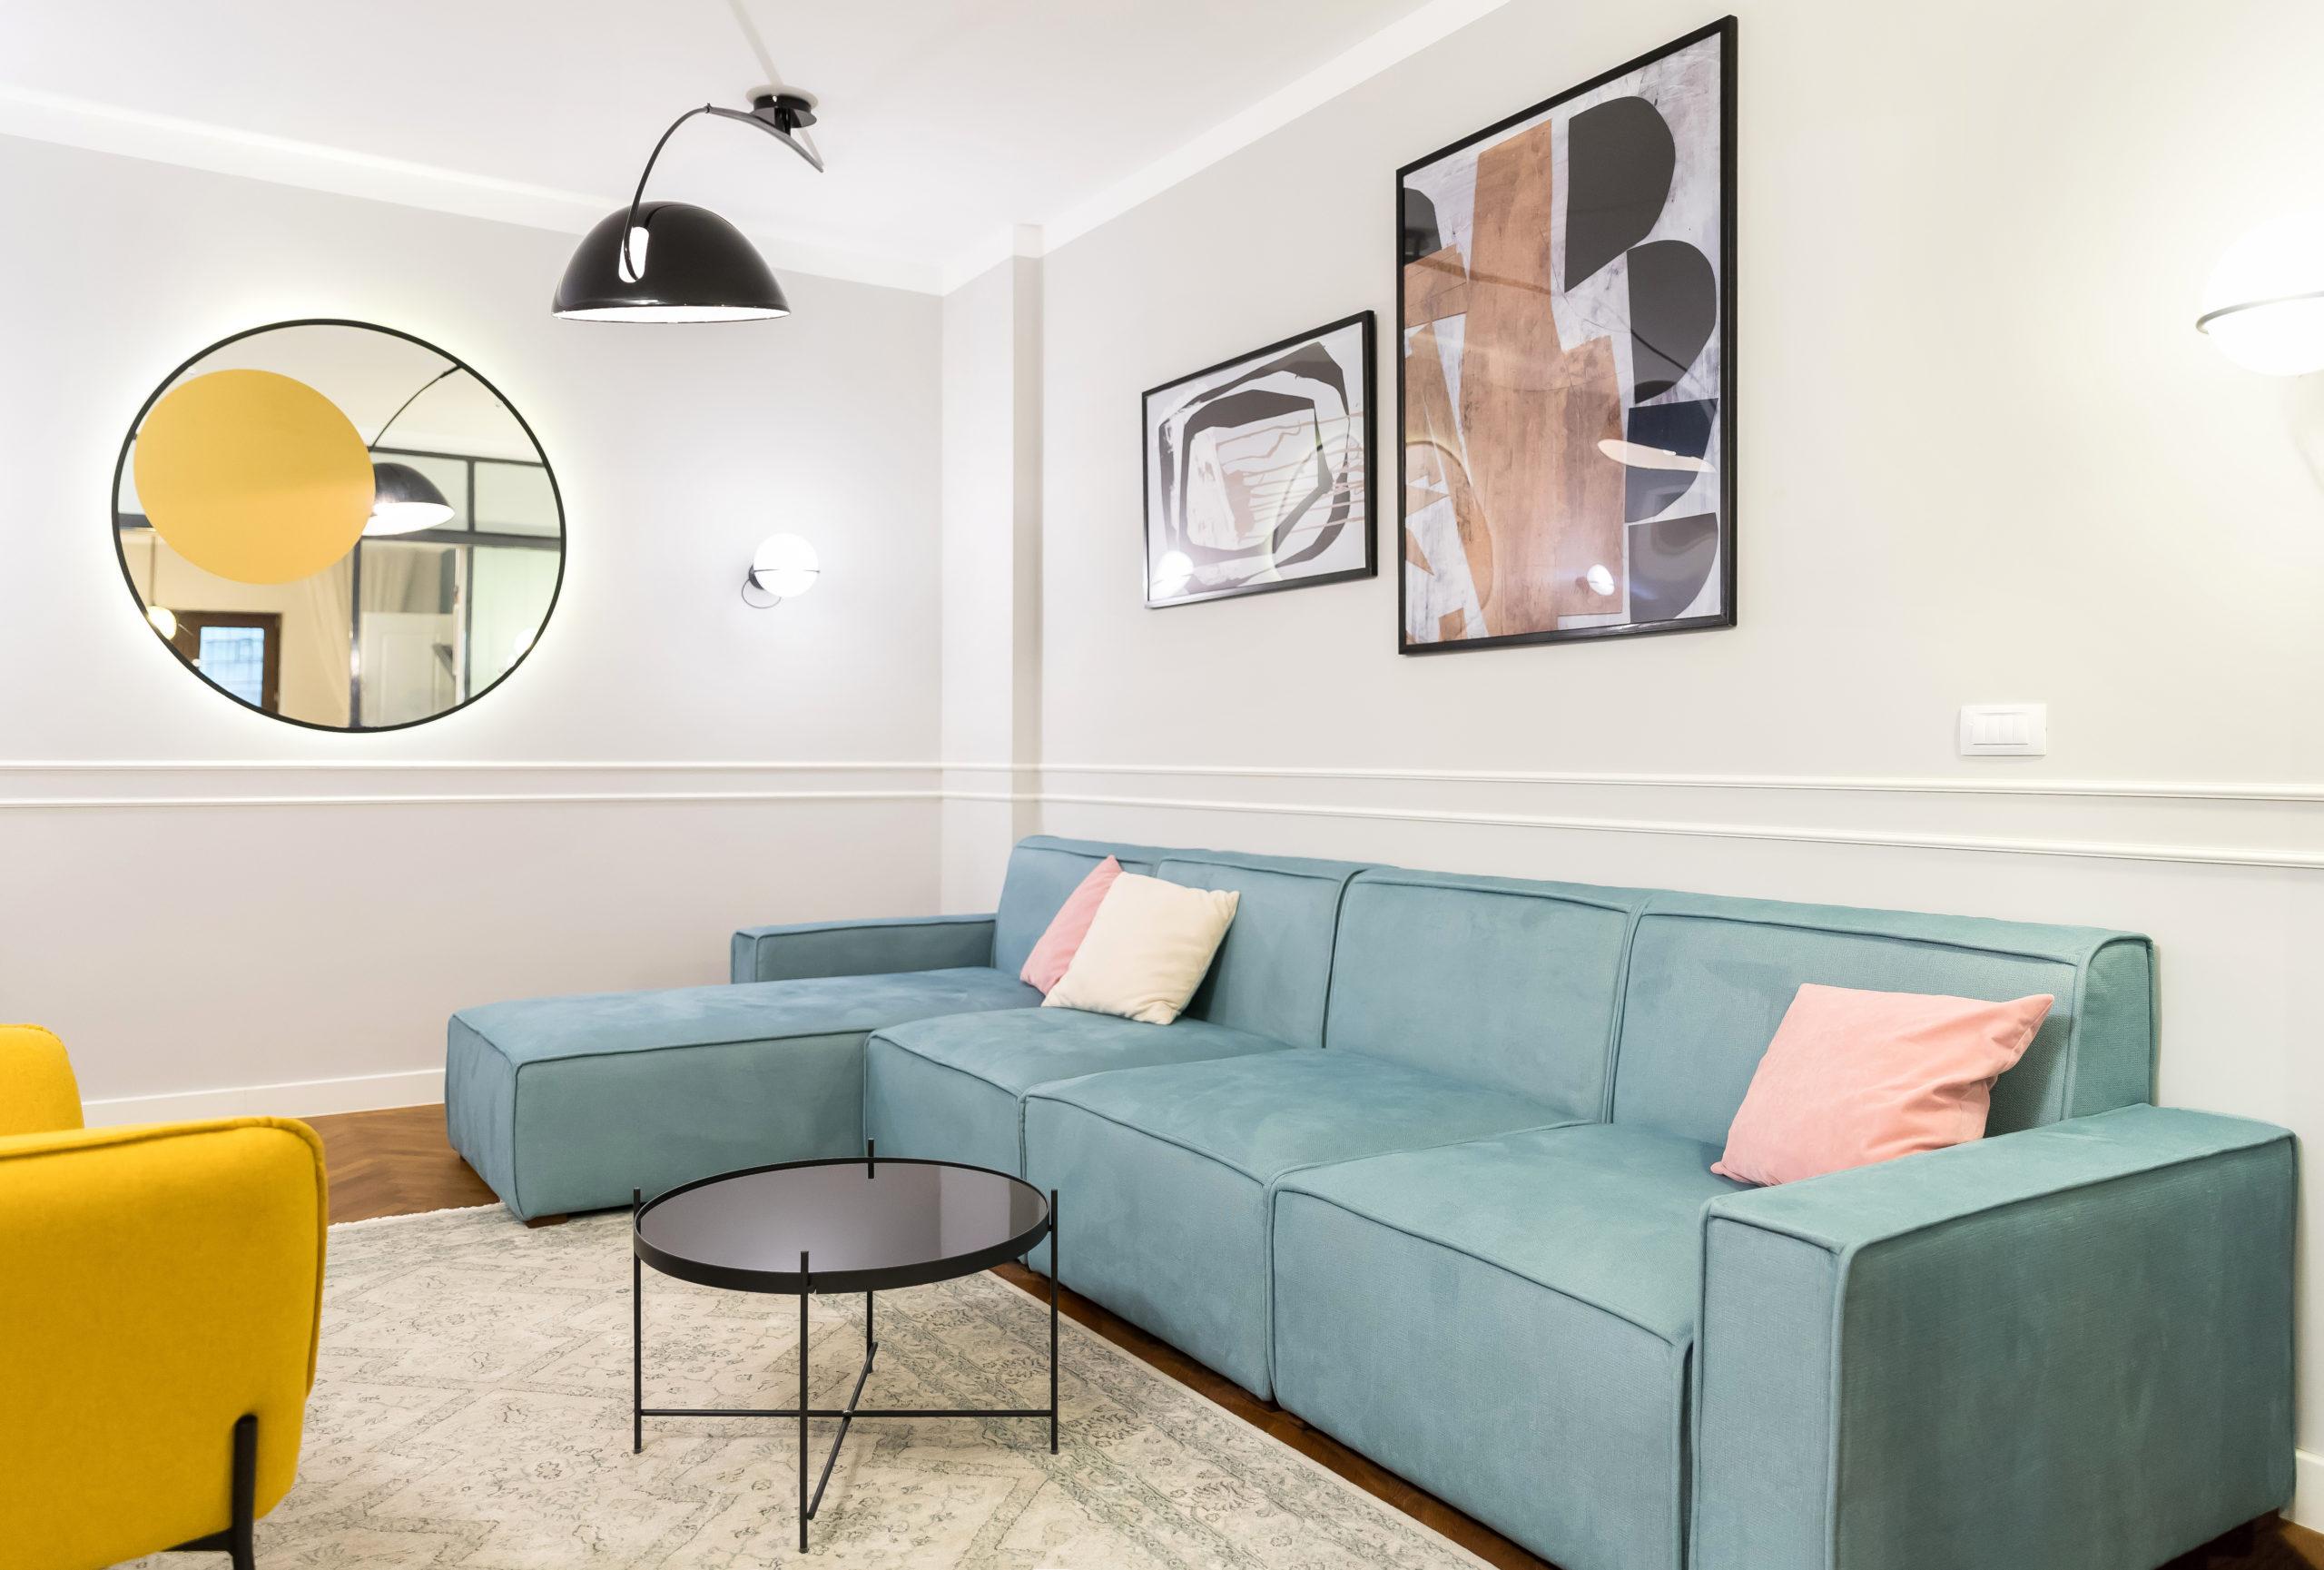 Canapeaua modulara este facuta pe comanda. Diversele surse de lumina folosite in amenajarea living-ului creeaza o scenografie interesanta si ofera beneficiarilor posibilitatea de a avea mai multe scenarii de iluminat.